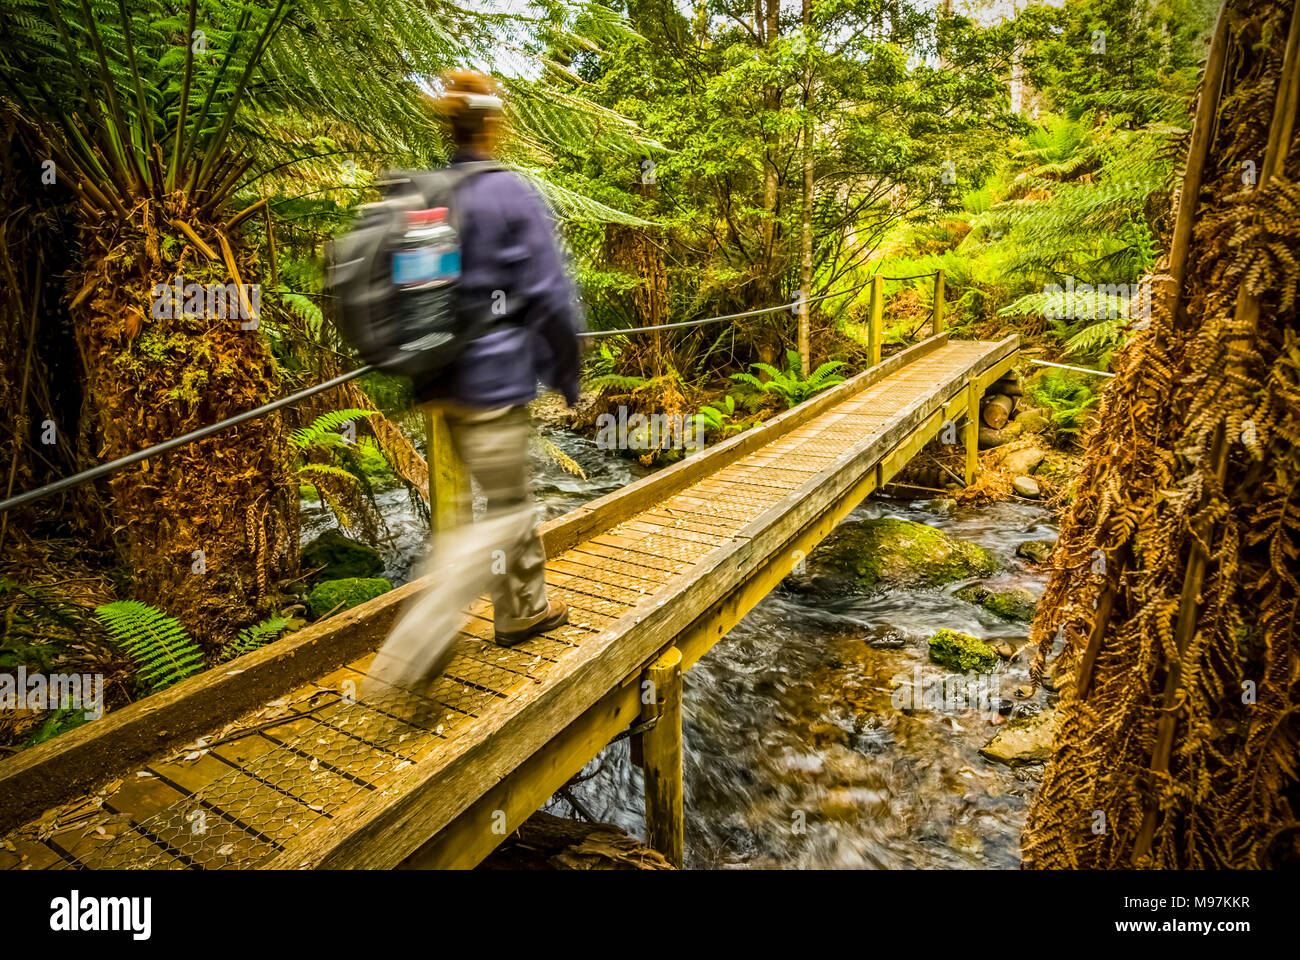 Australien, Tasmanien, Lemonthyme Lodge, Rundweg, Schützgebiet - Stock Image